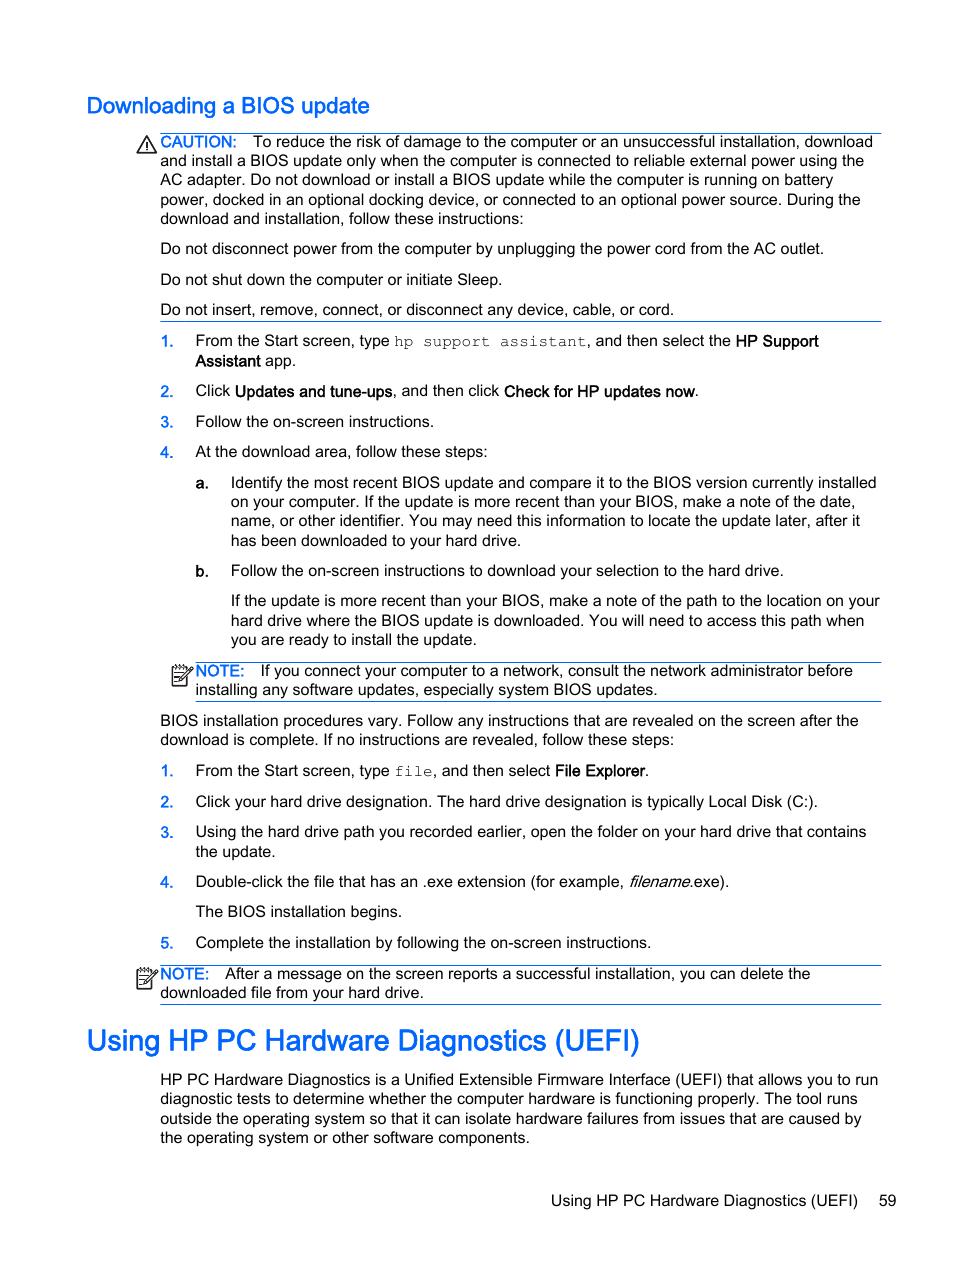 Downloading a bios update, Using hp pc hardware diagnostics (uefi